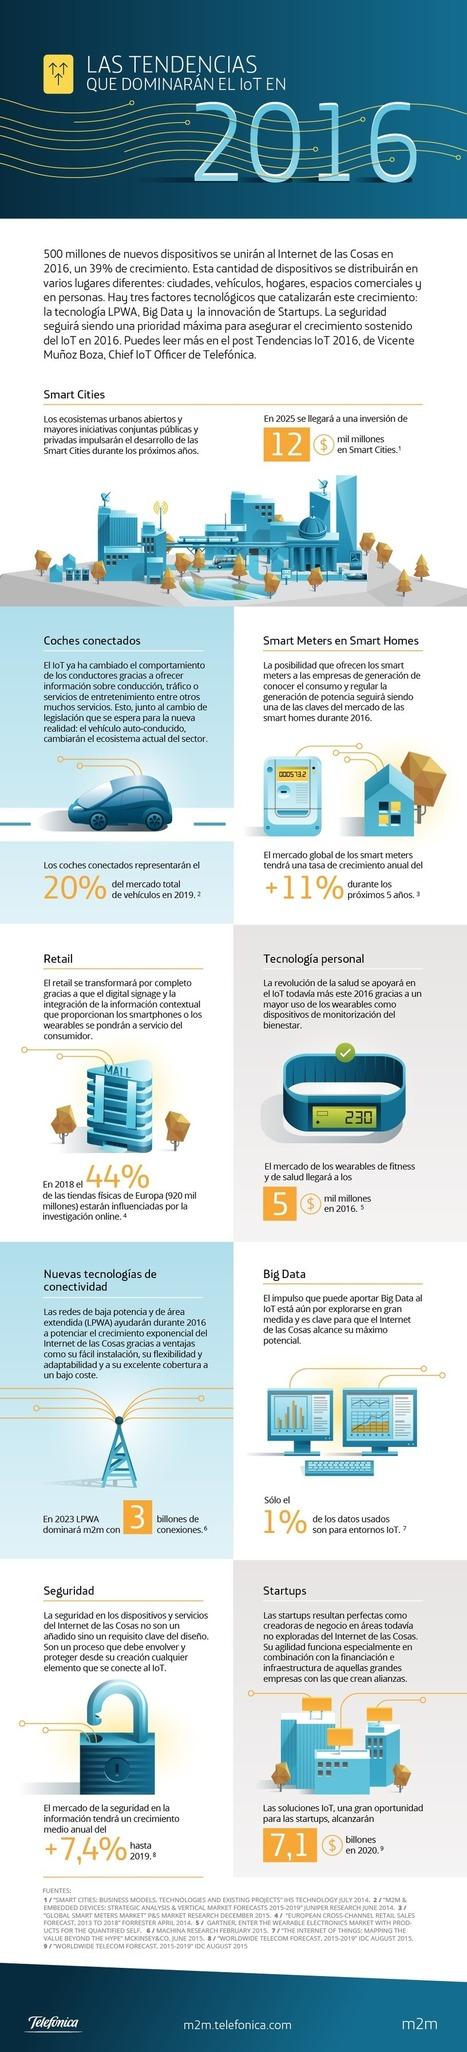 Tendencias sobre Internet de las Cosas #infografia #infographic #tech #iot   Redes sociales y Social Media   Scoop.it